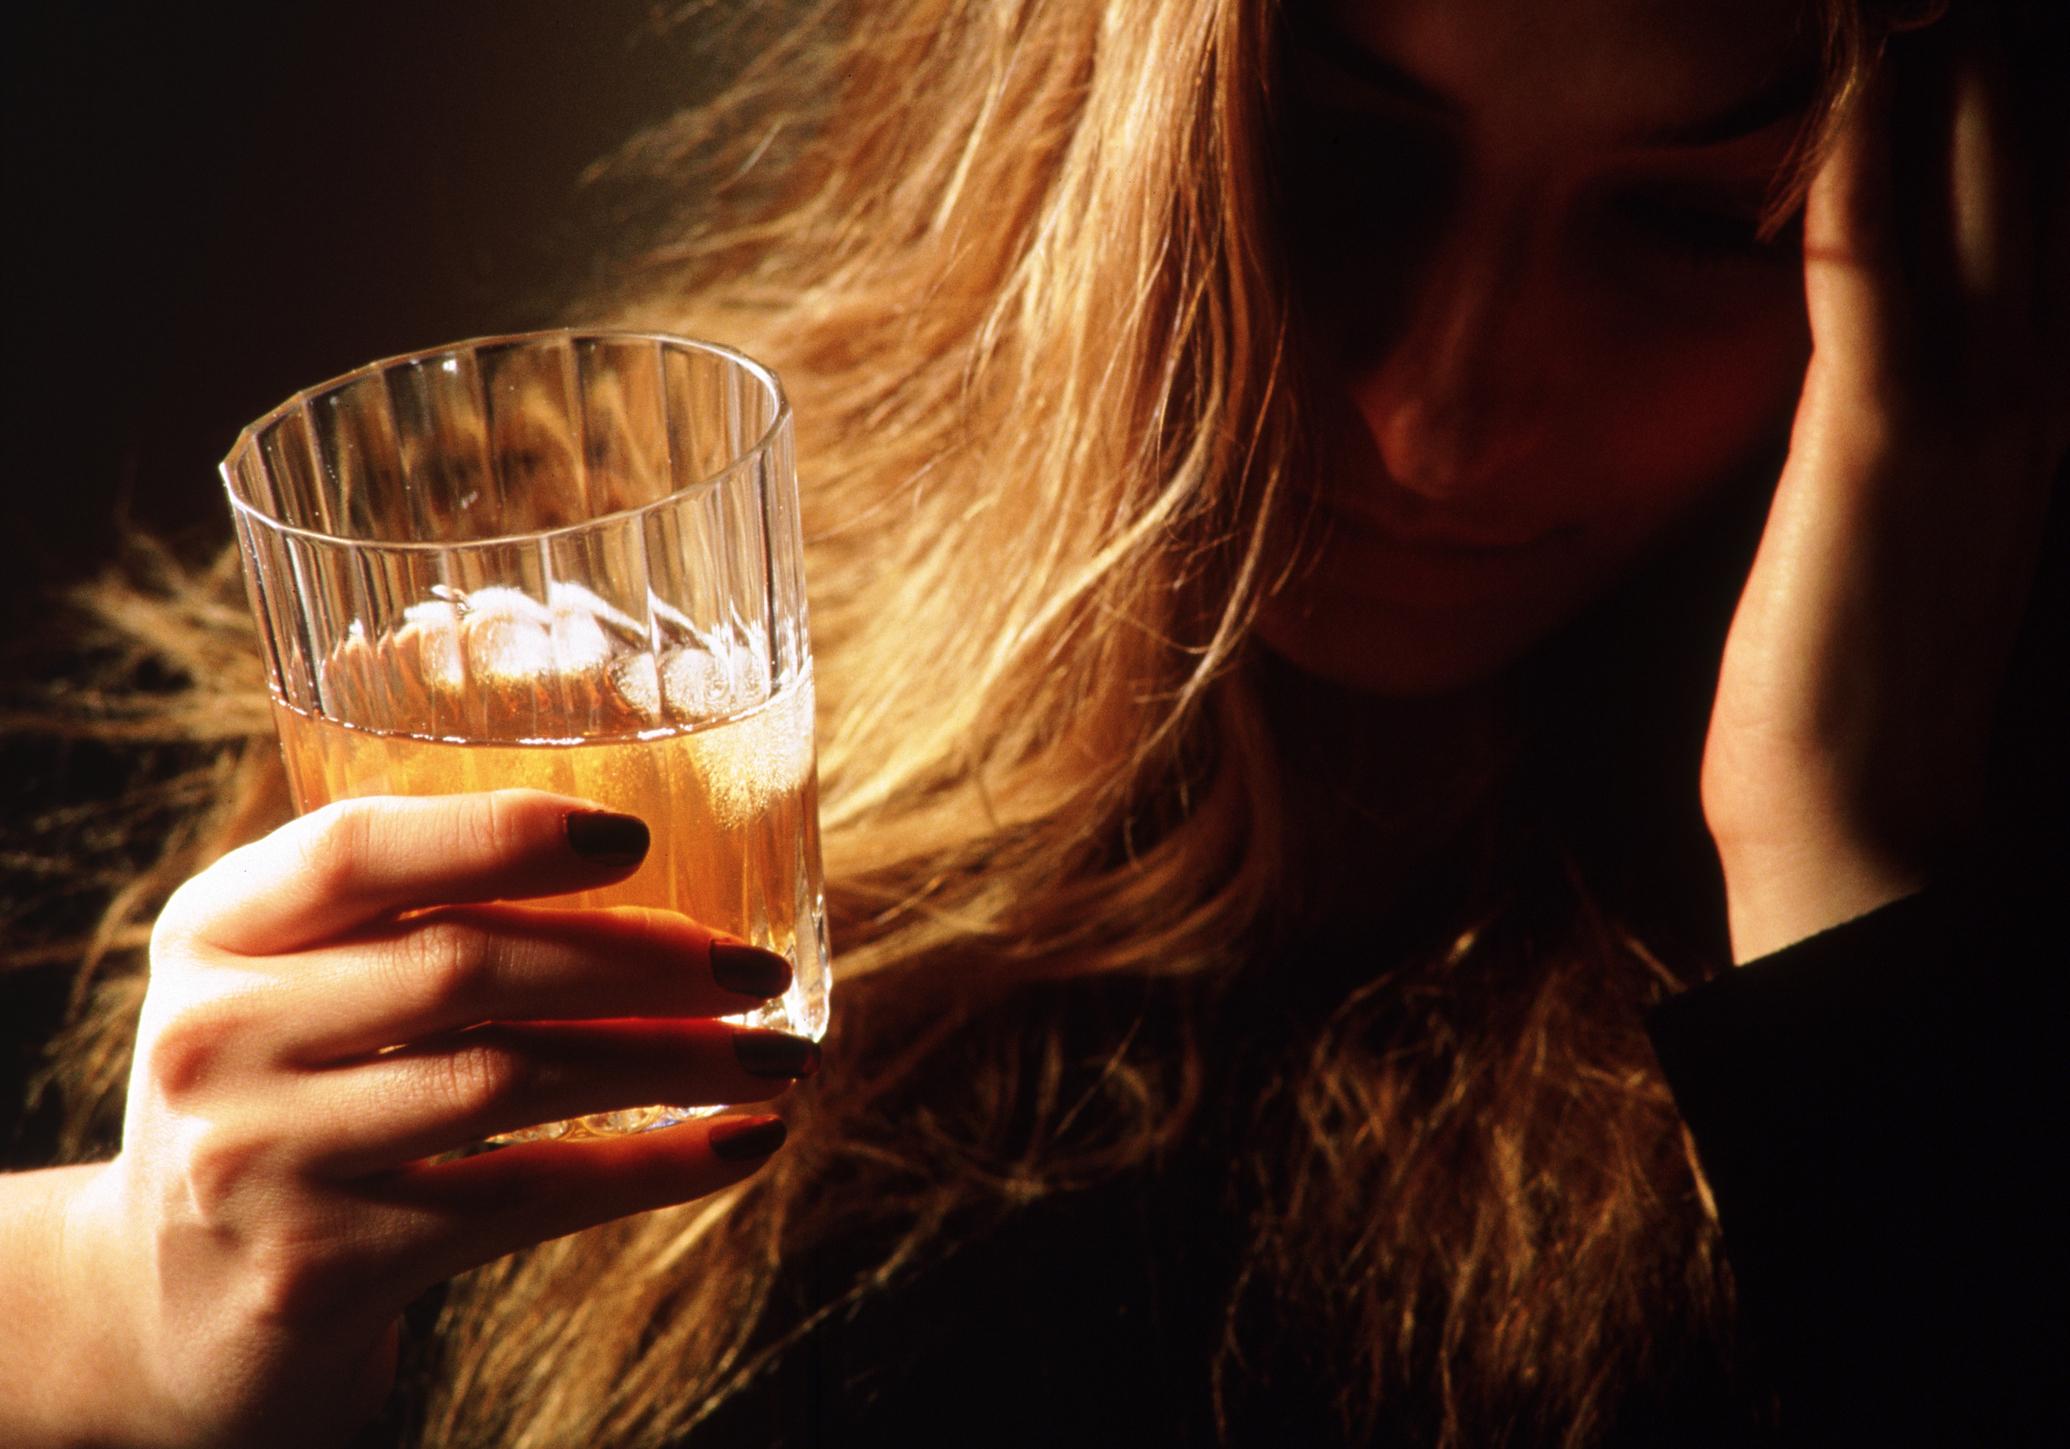 Aumenta o consumo de álcool no mundo